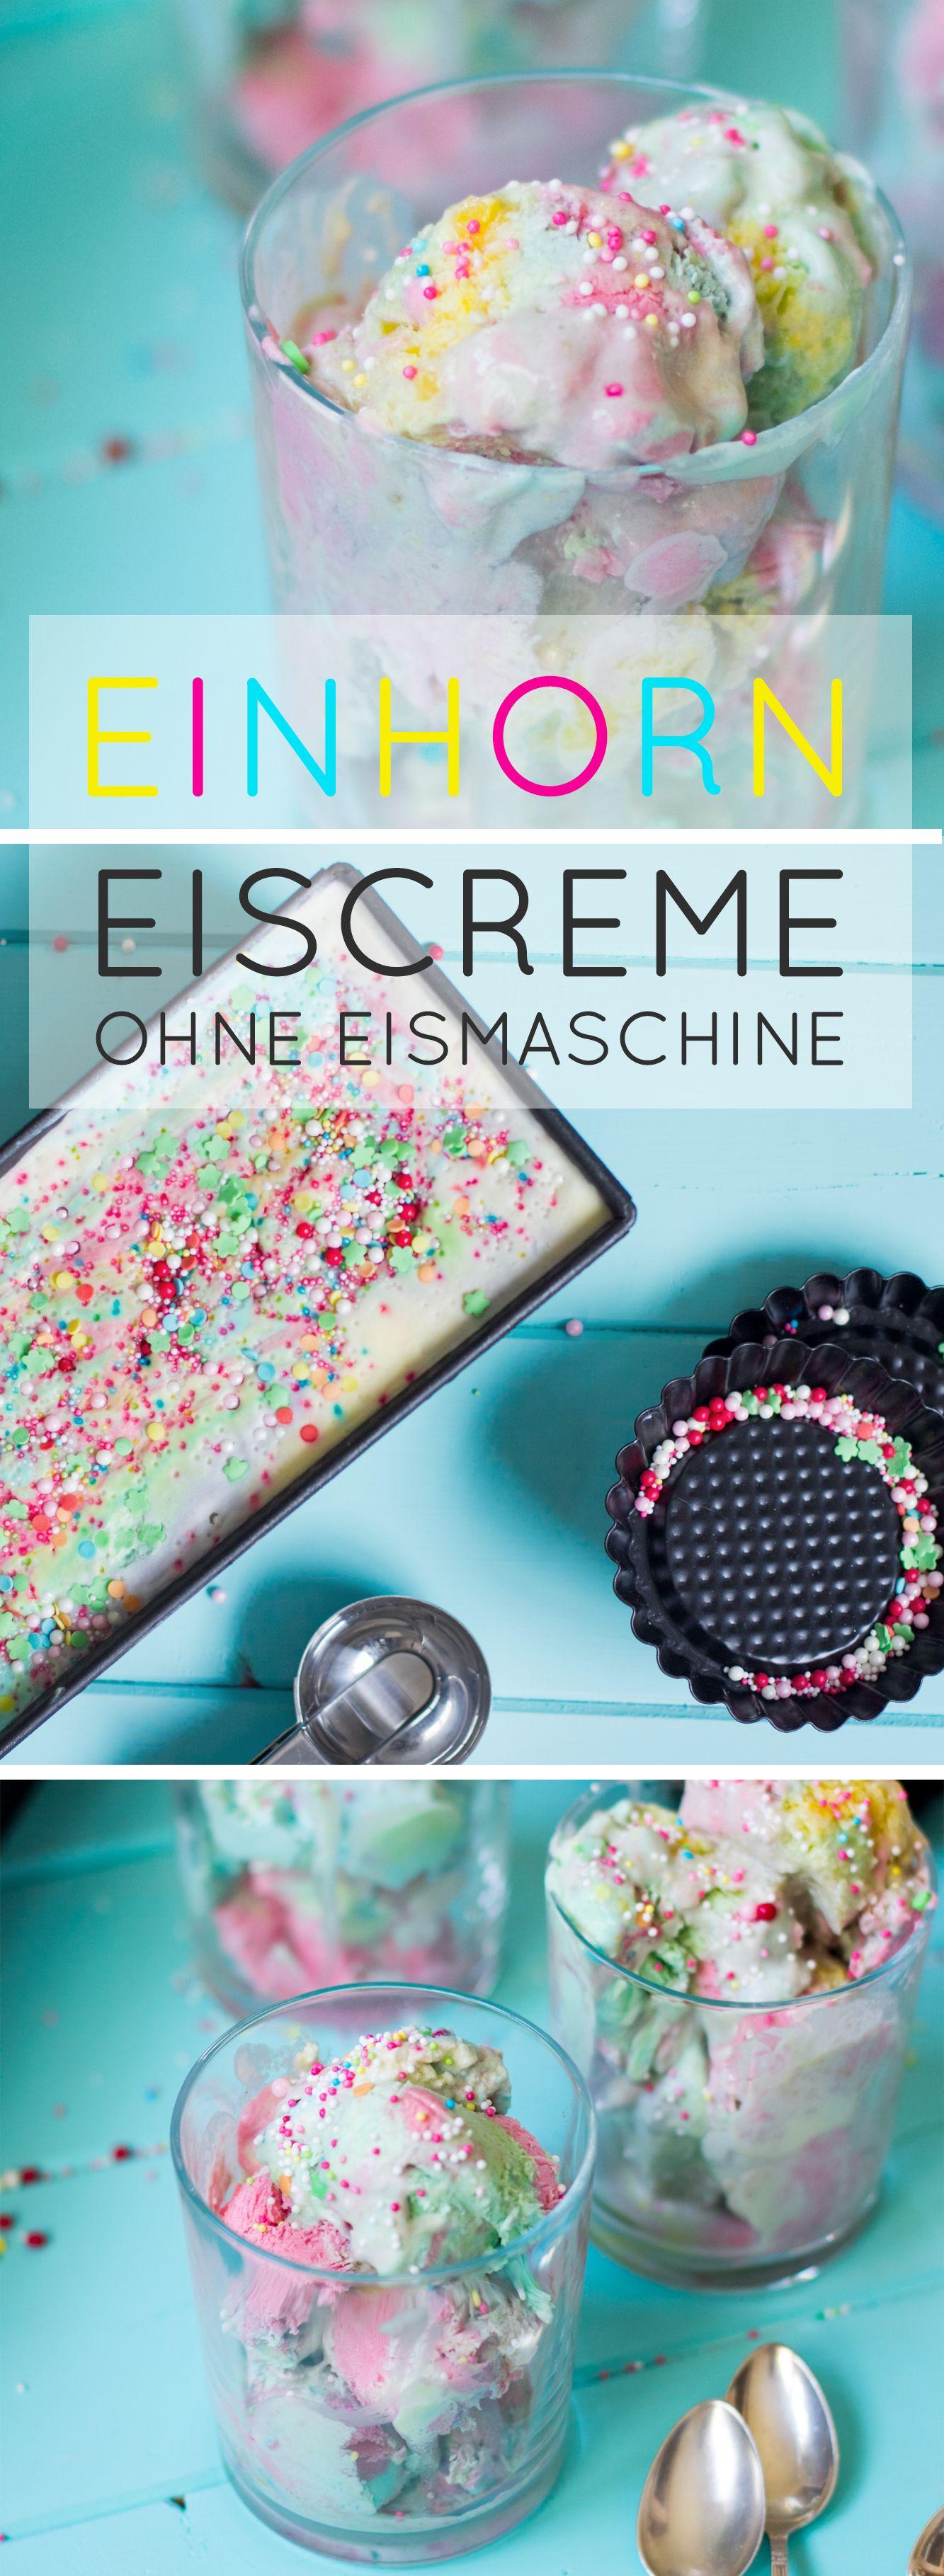 Einhorn / Regenbogen Eiscreme ohne Eismaschine